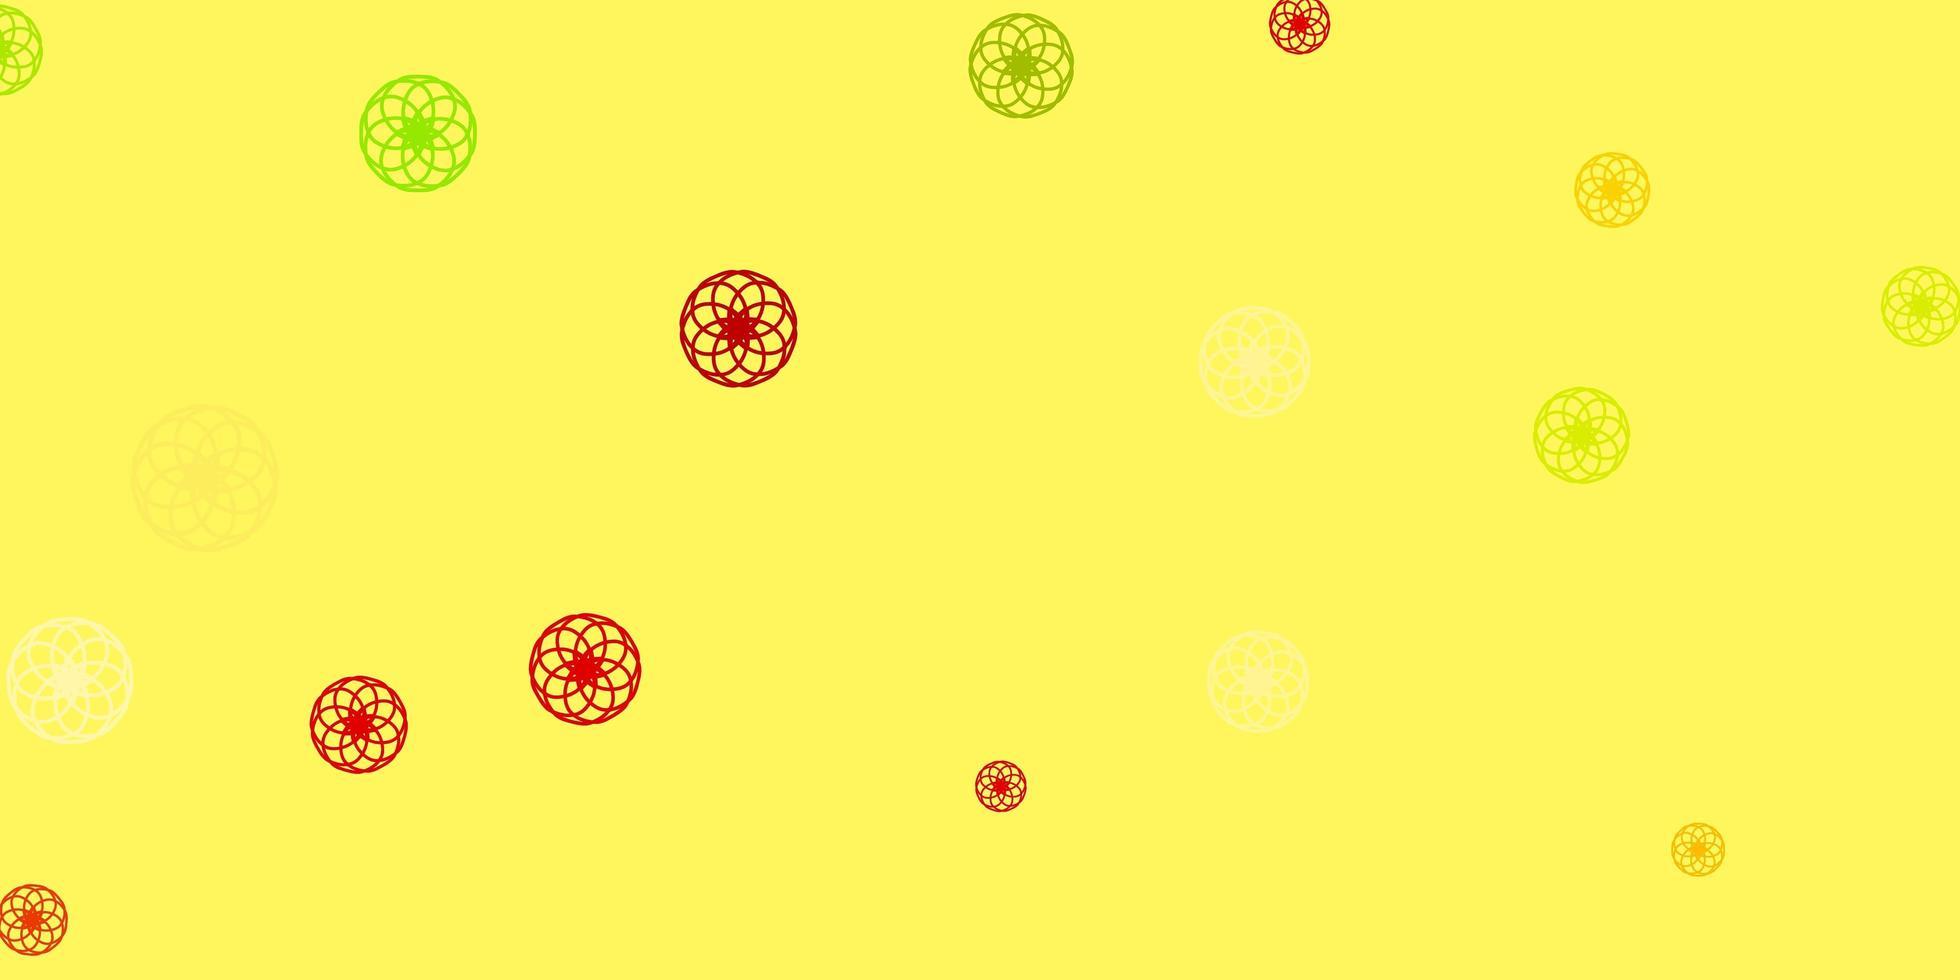 lichtgroene, rode vectorachtergrond met bellen. vector